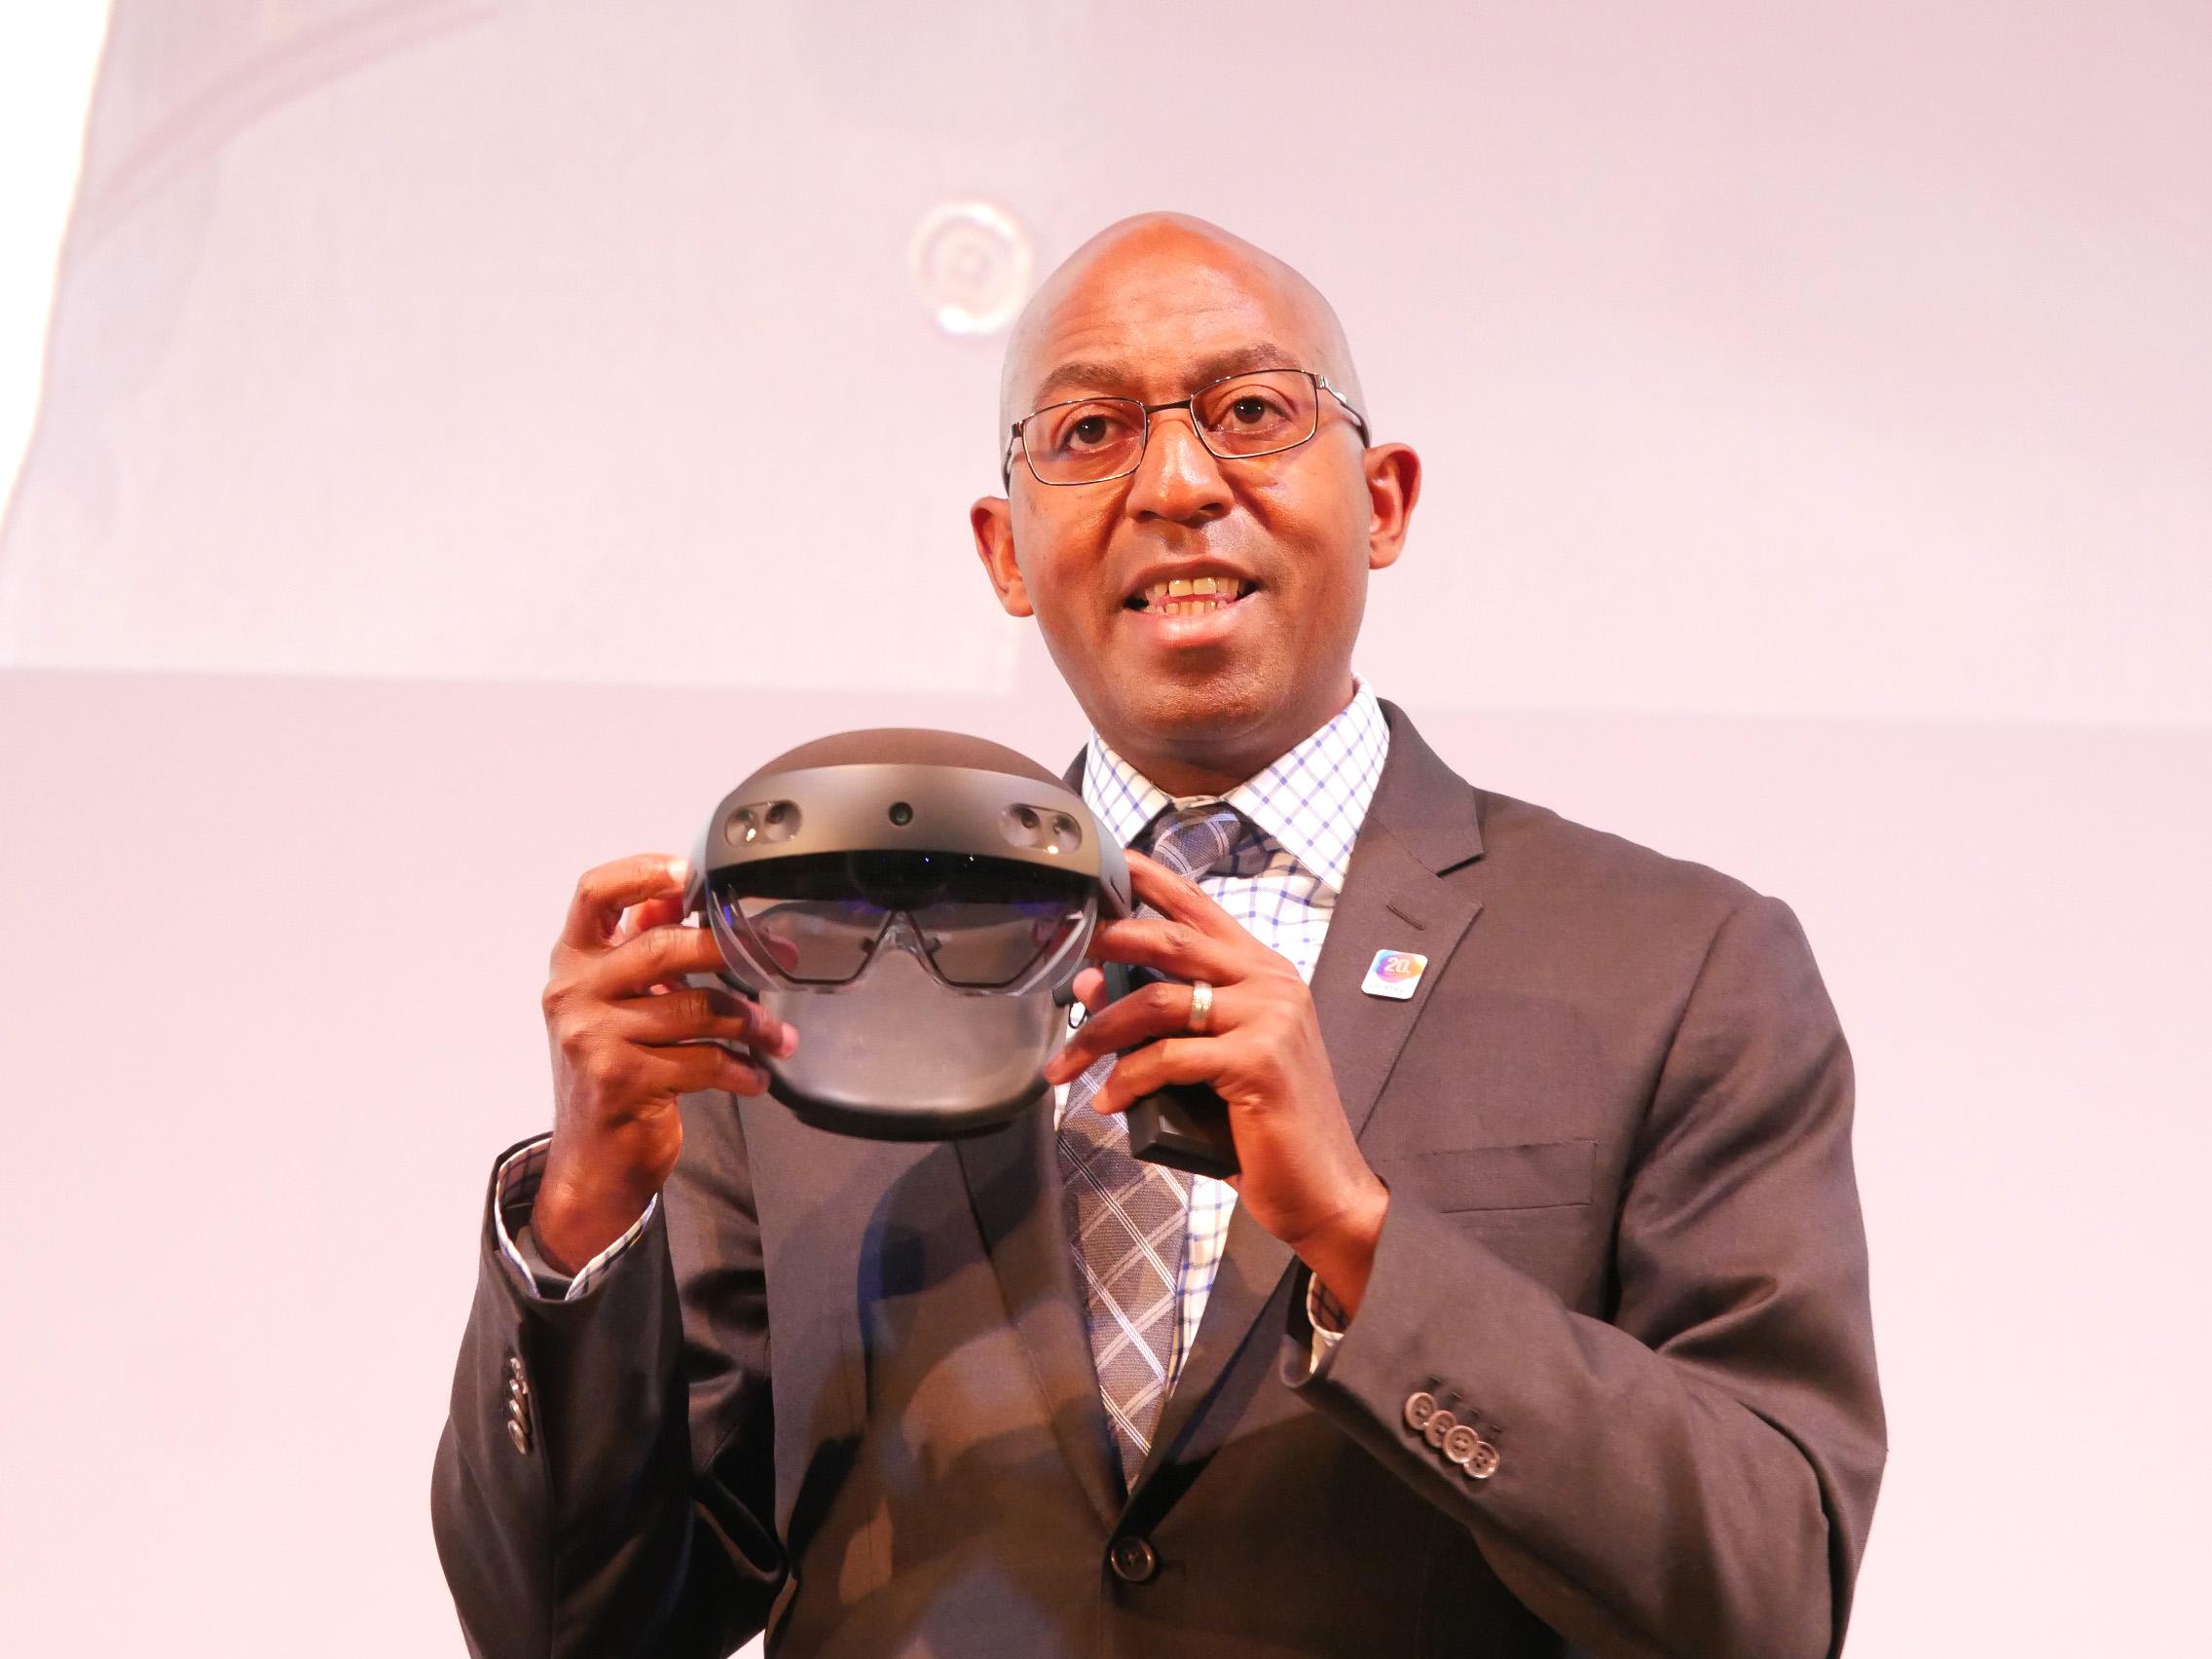 米マイクロソフトのIoT and Mixed Reality Sales担当Rodney Clark(ロドニー・クラーク)バイスプレジデント